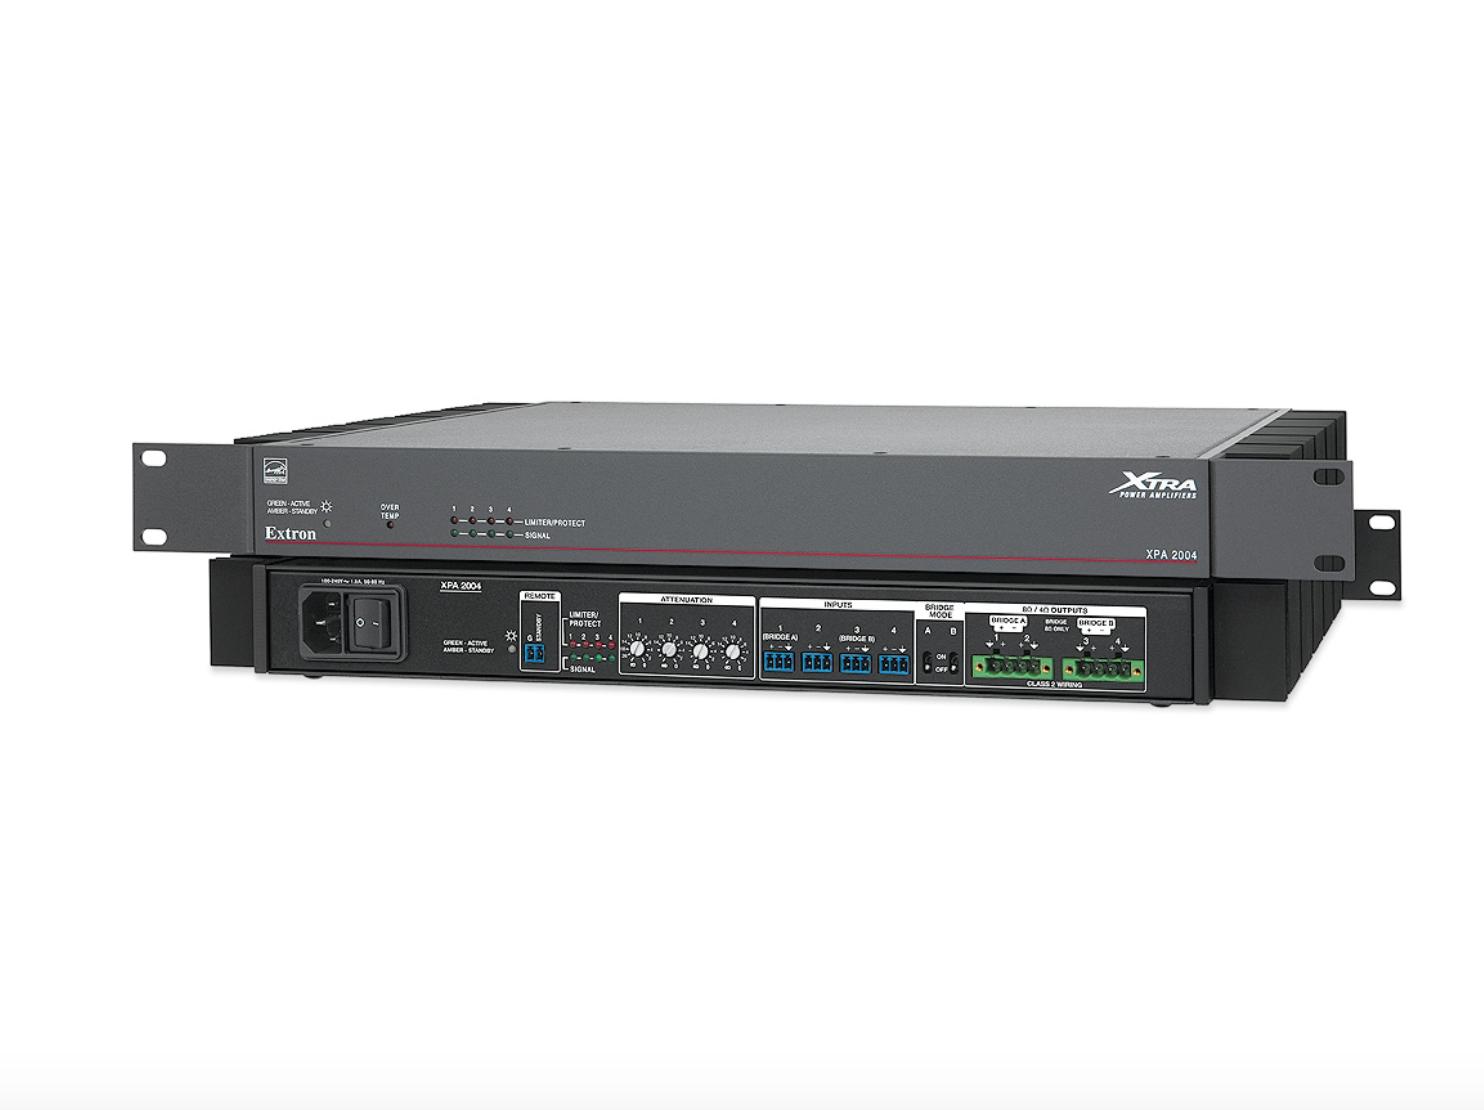 EXTRON  EXTRON XPA 2004 - Amplificateur de puissance à quatre canaux 200W par canal